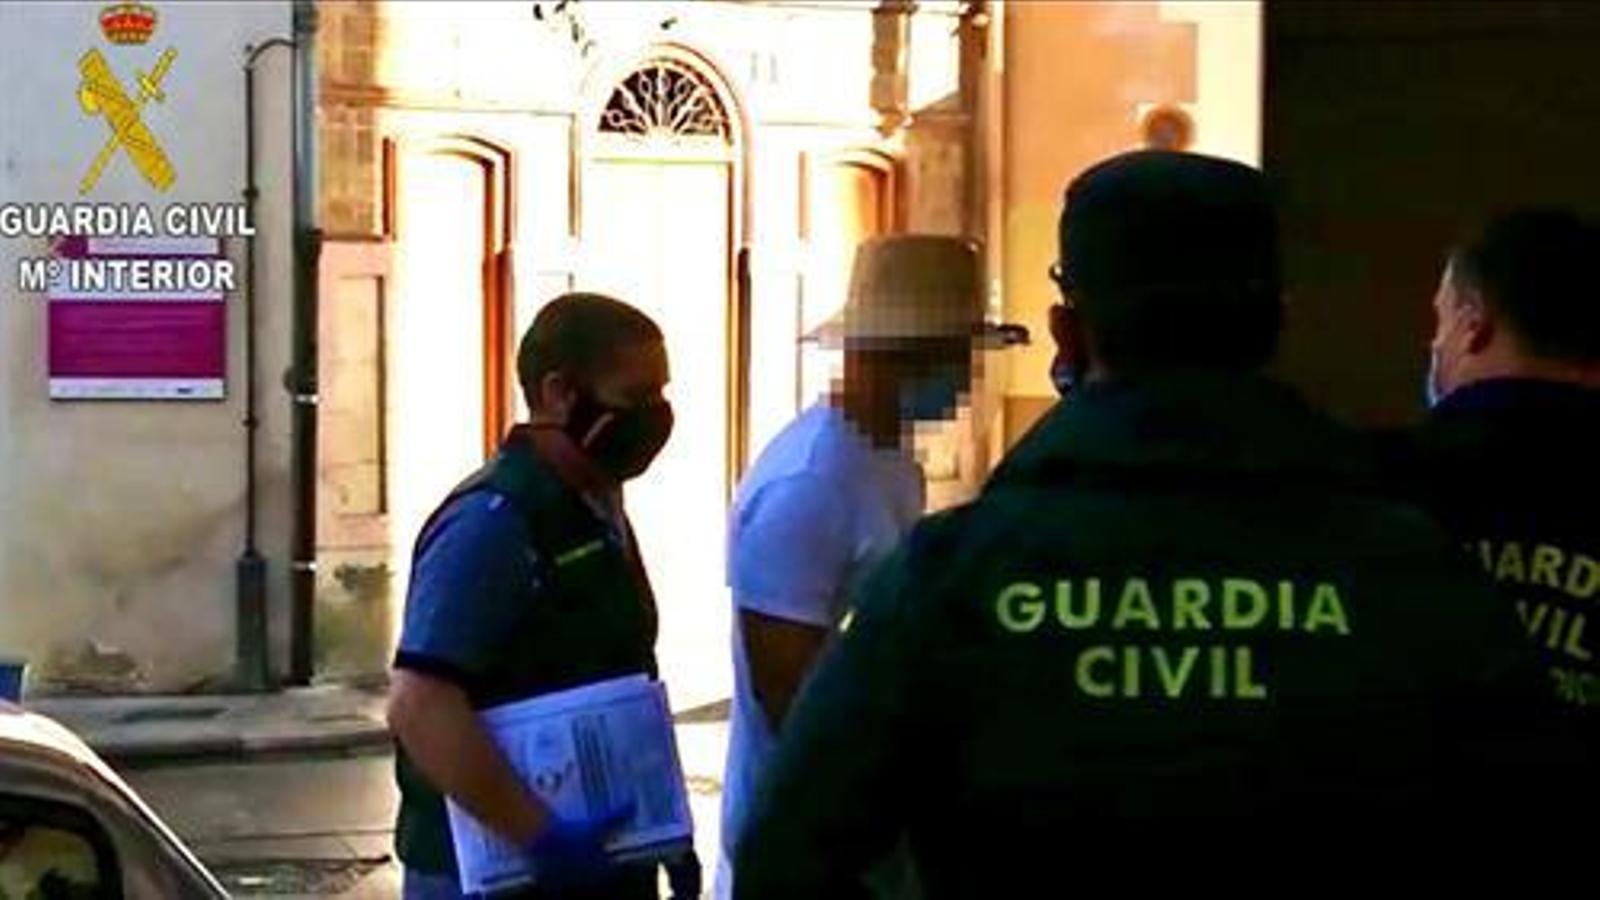 La Guàrdia Civil ha detingut l'actor porno Nacho Vidal per un presumpte homicidi imprudent